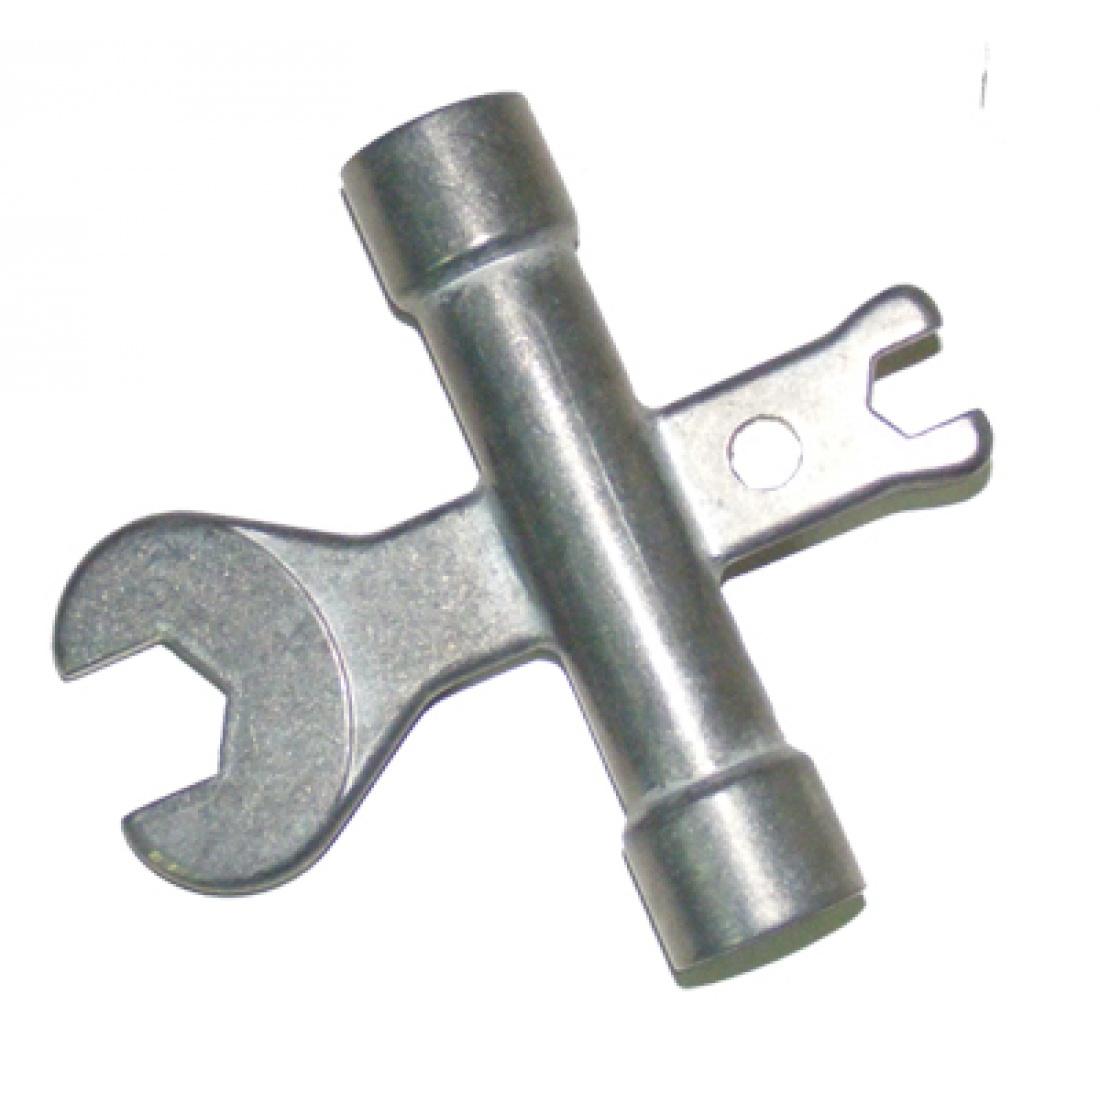 Elephant tool